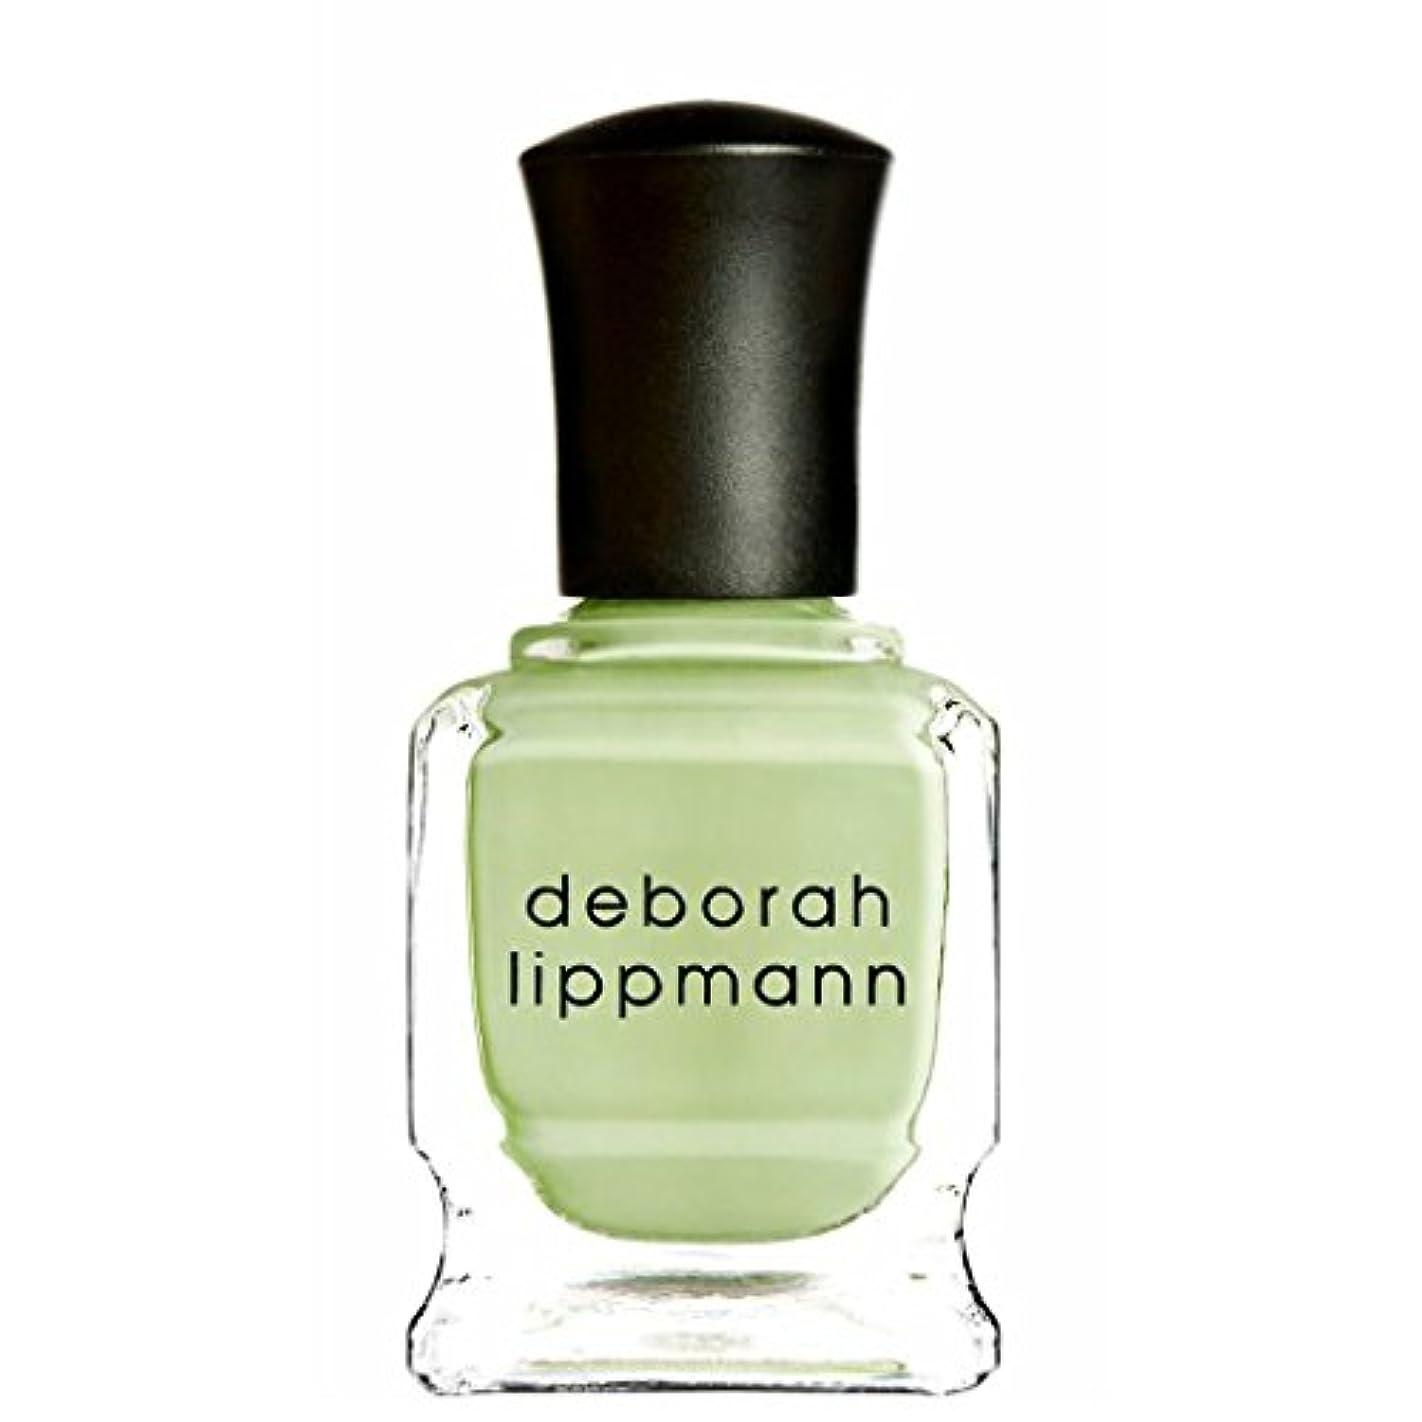 薄める繊毛第九[Deborah Lippmann] [ デボラリップマン] ネイルポリッシュ スプリングバッド (ピスタチオグリーン) SPRING BUDS 15mL 国内正規品